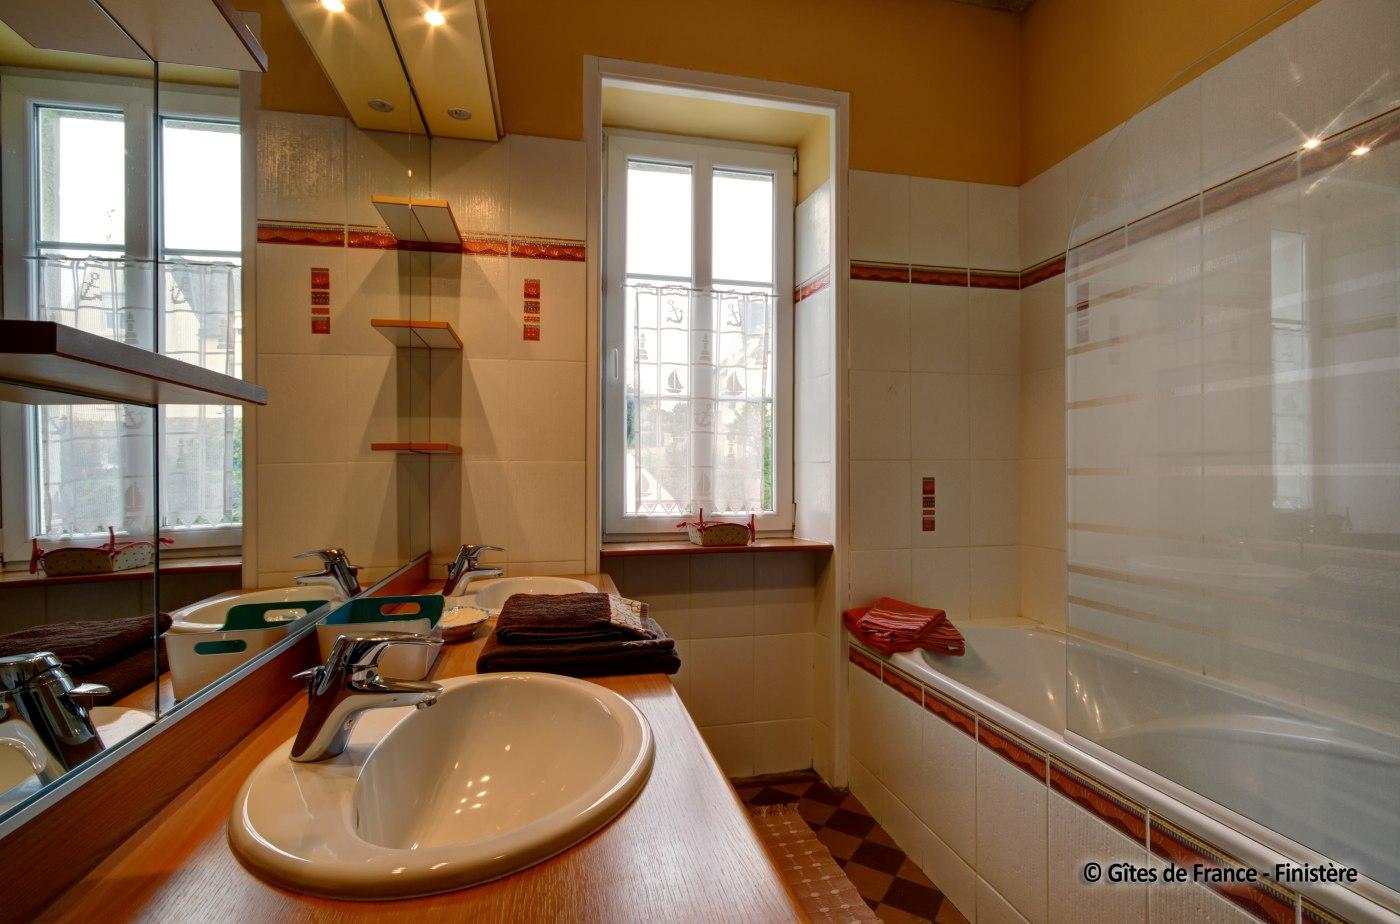 Salle De Bain Borgne maison vacances plomodiern location 12 personnes jean marc